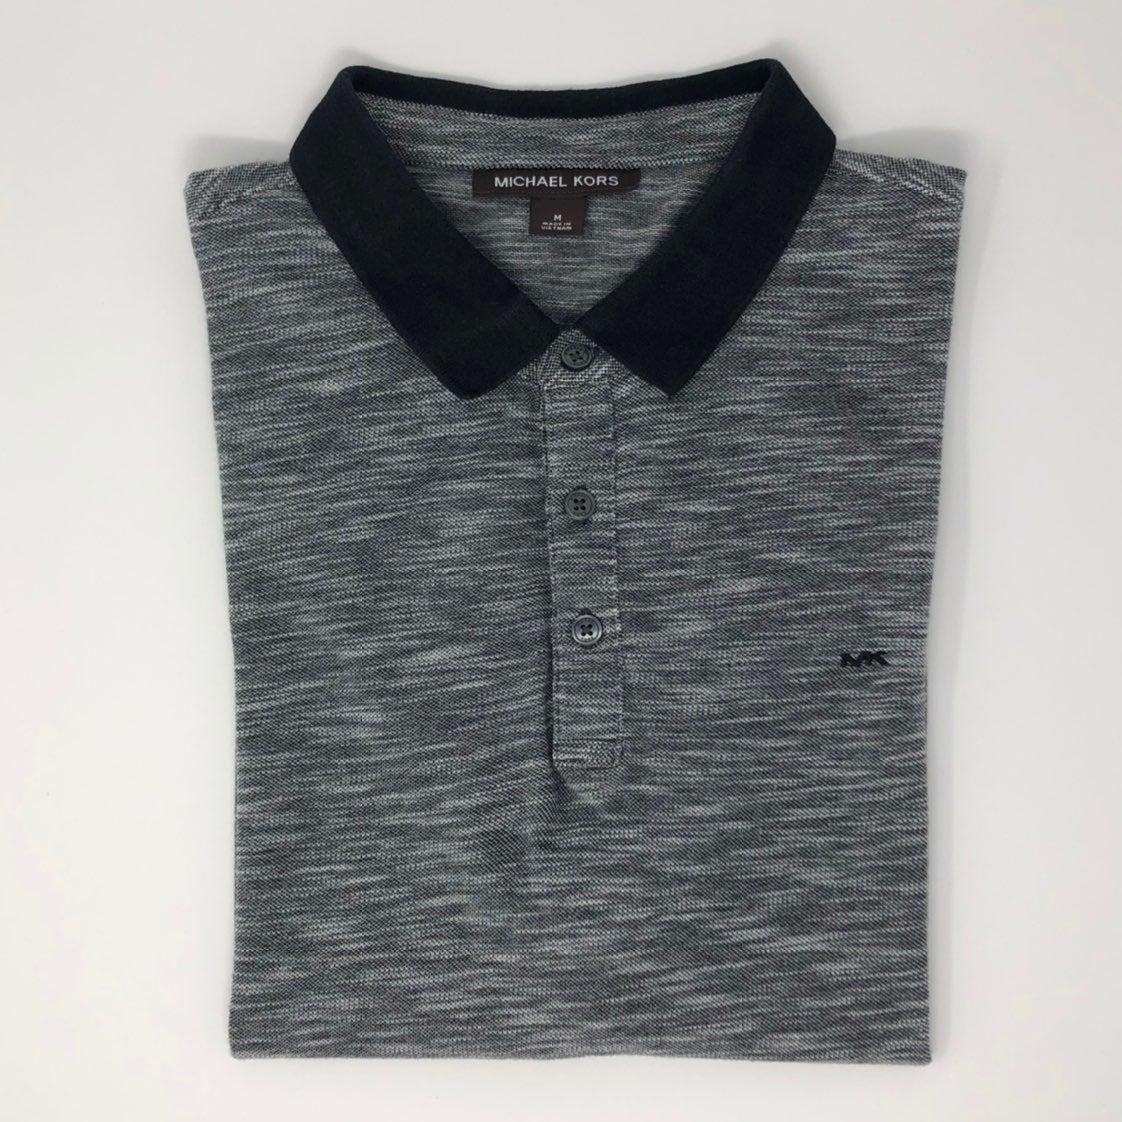 Michae Kors Polo Shirt Size M